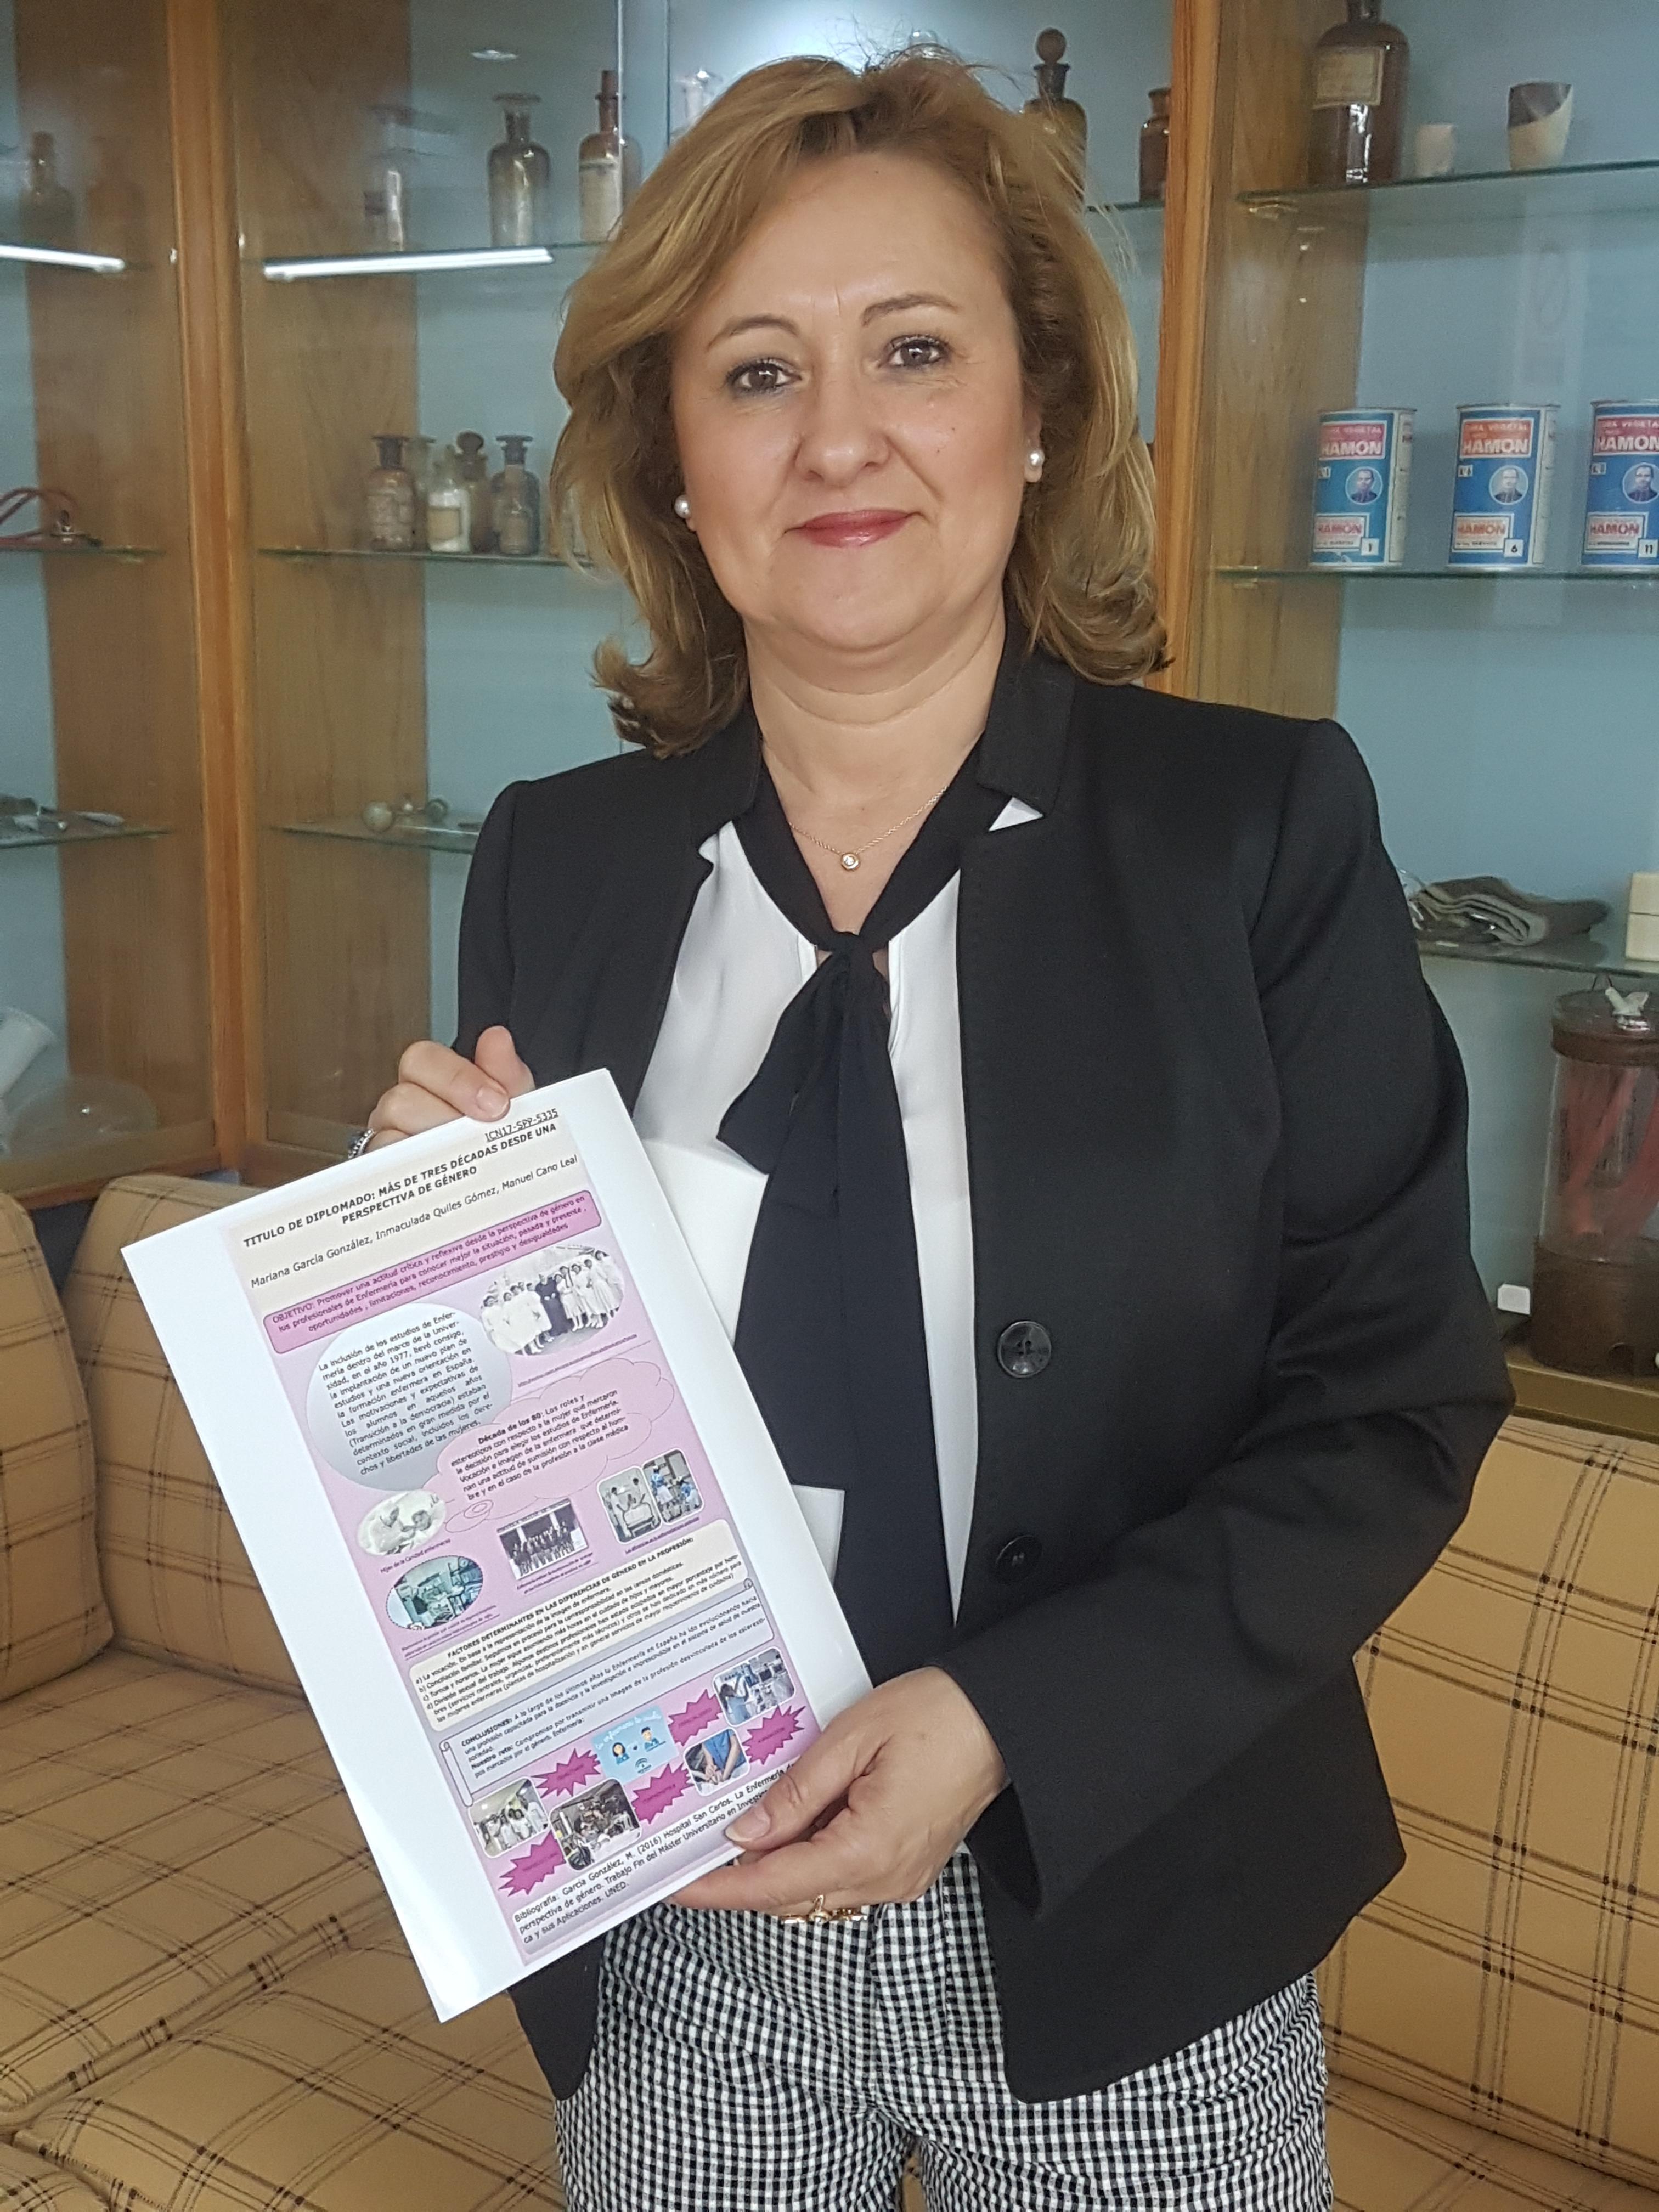 MARIANA GARCÍA GONZÁLEZ